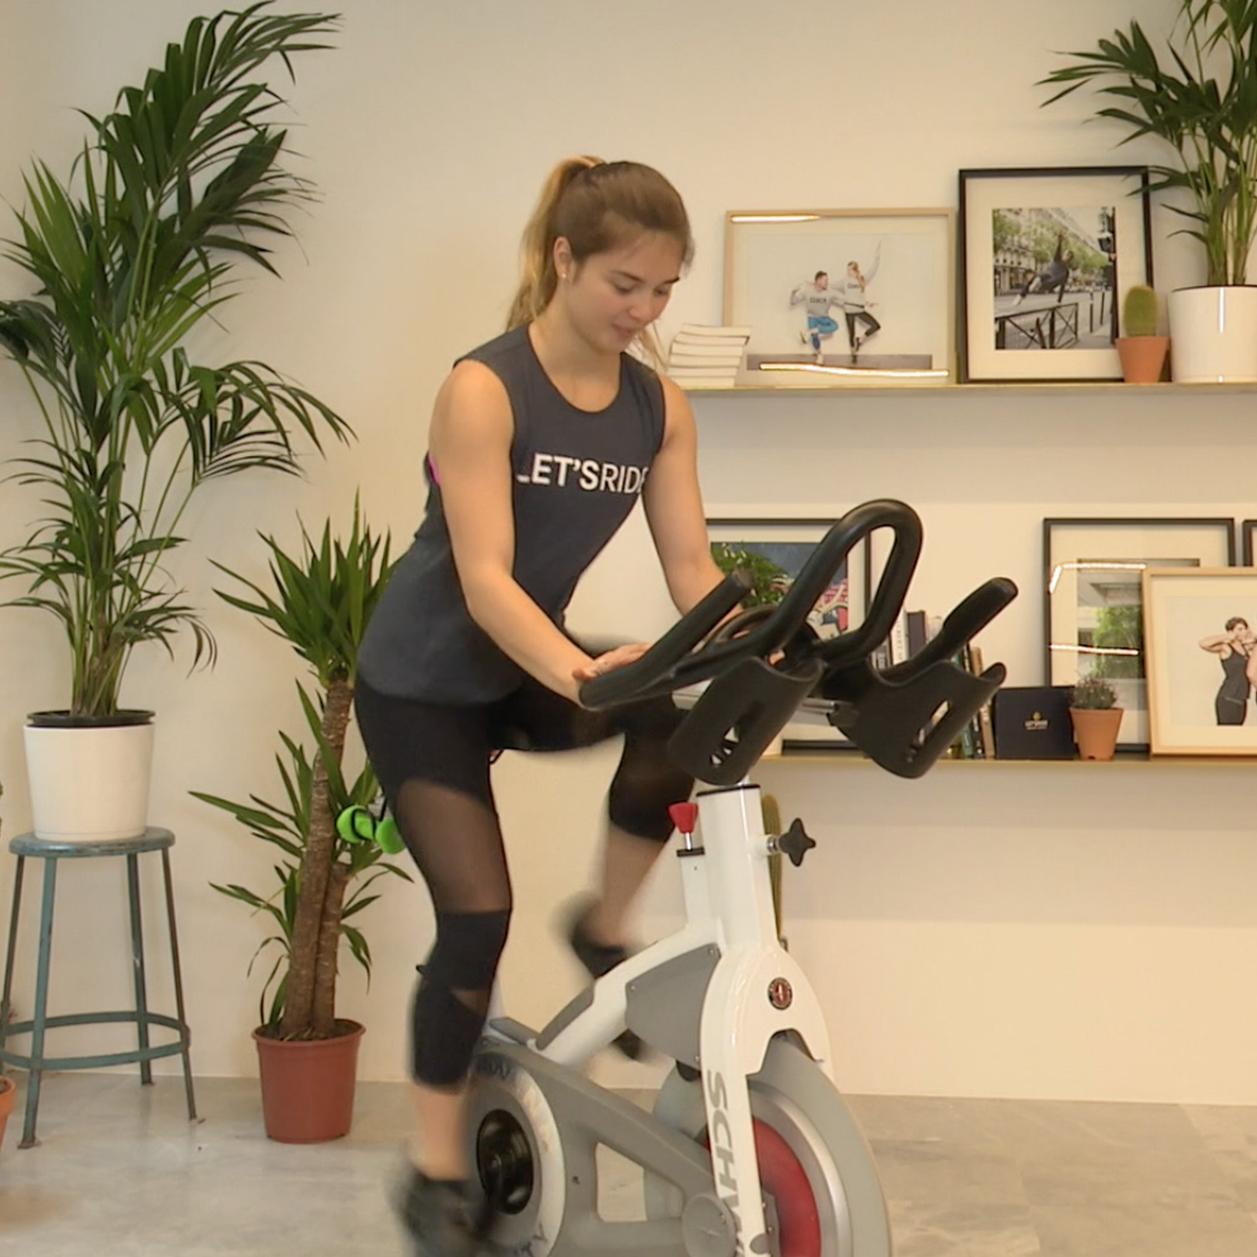 Velo Appartement Pour Enfant 5 exercices de vélo d'appartement pour avoir de superbes jambes